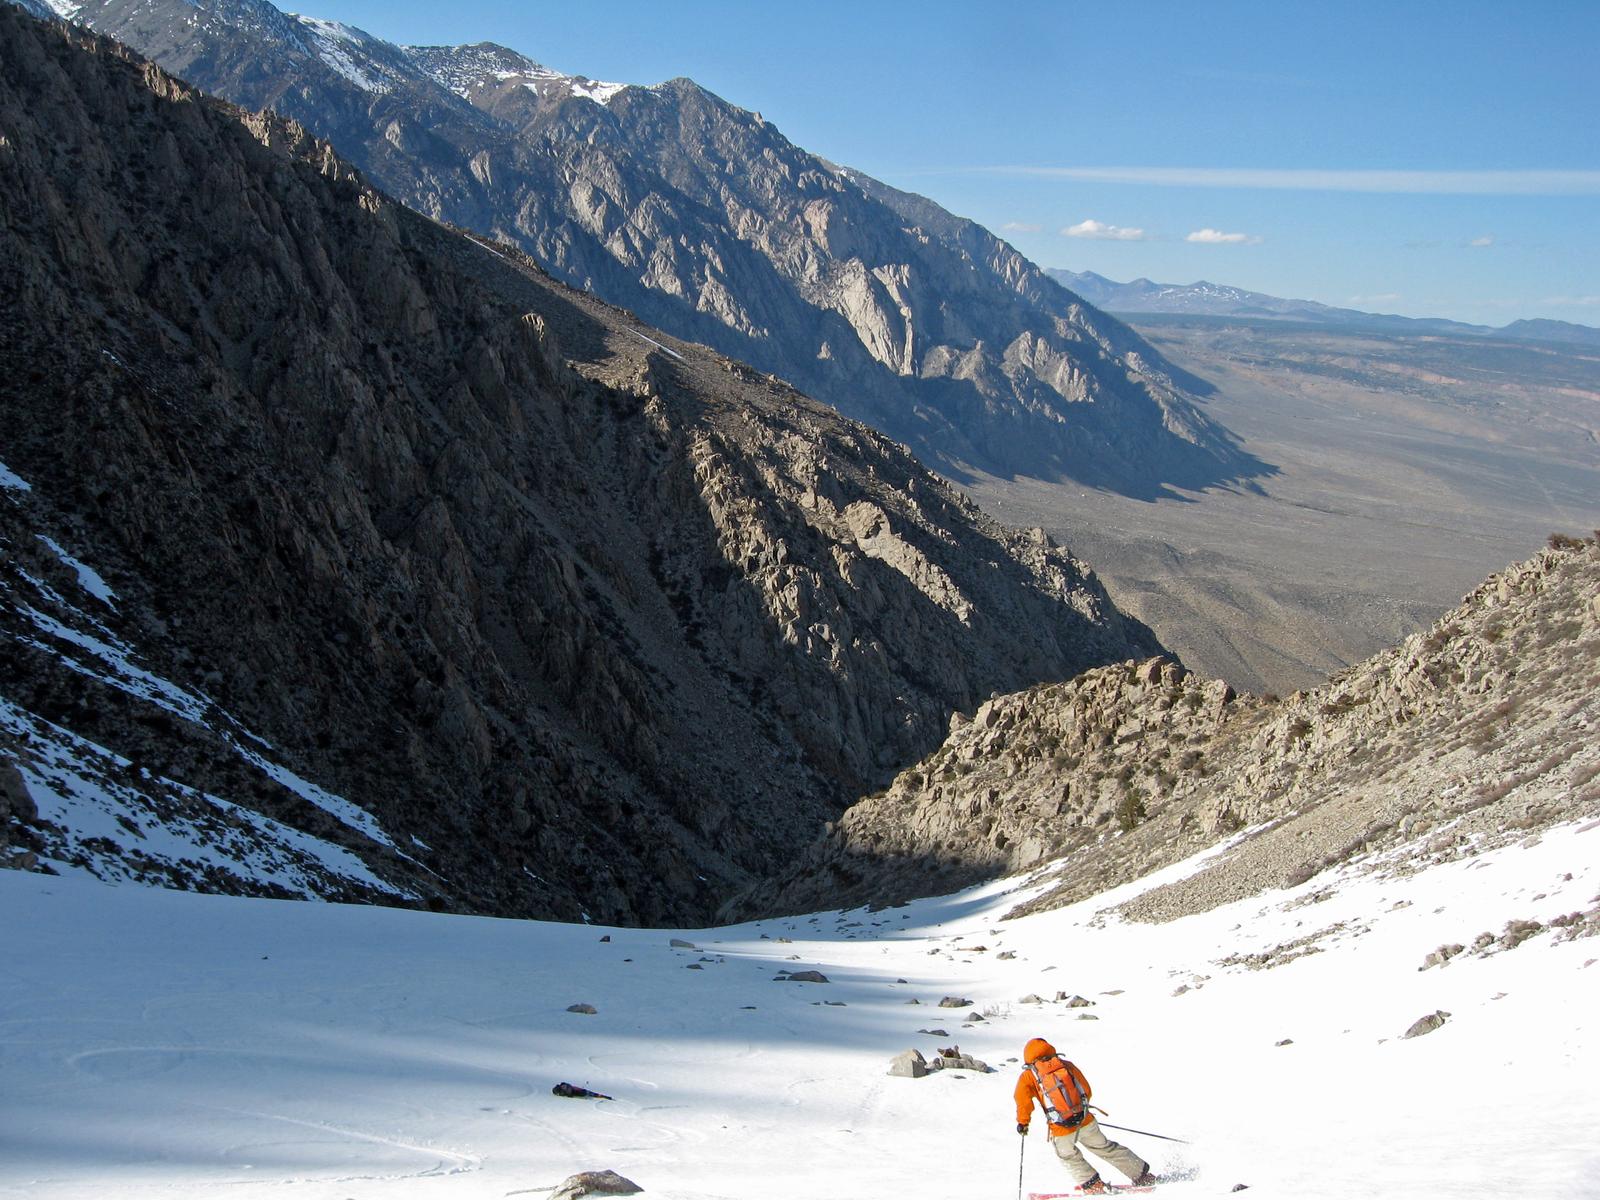 skiing Mount Tom, eastern Sierra, California